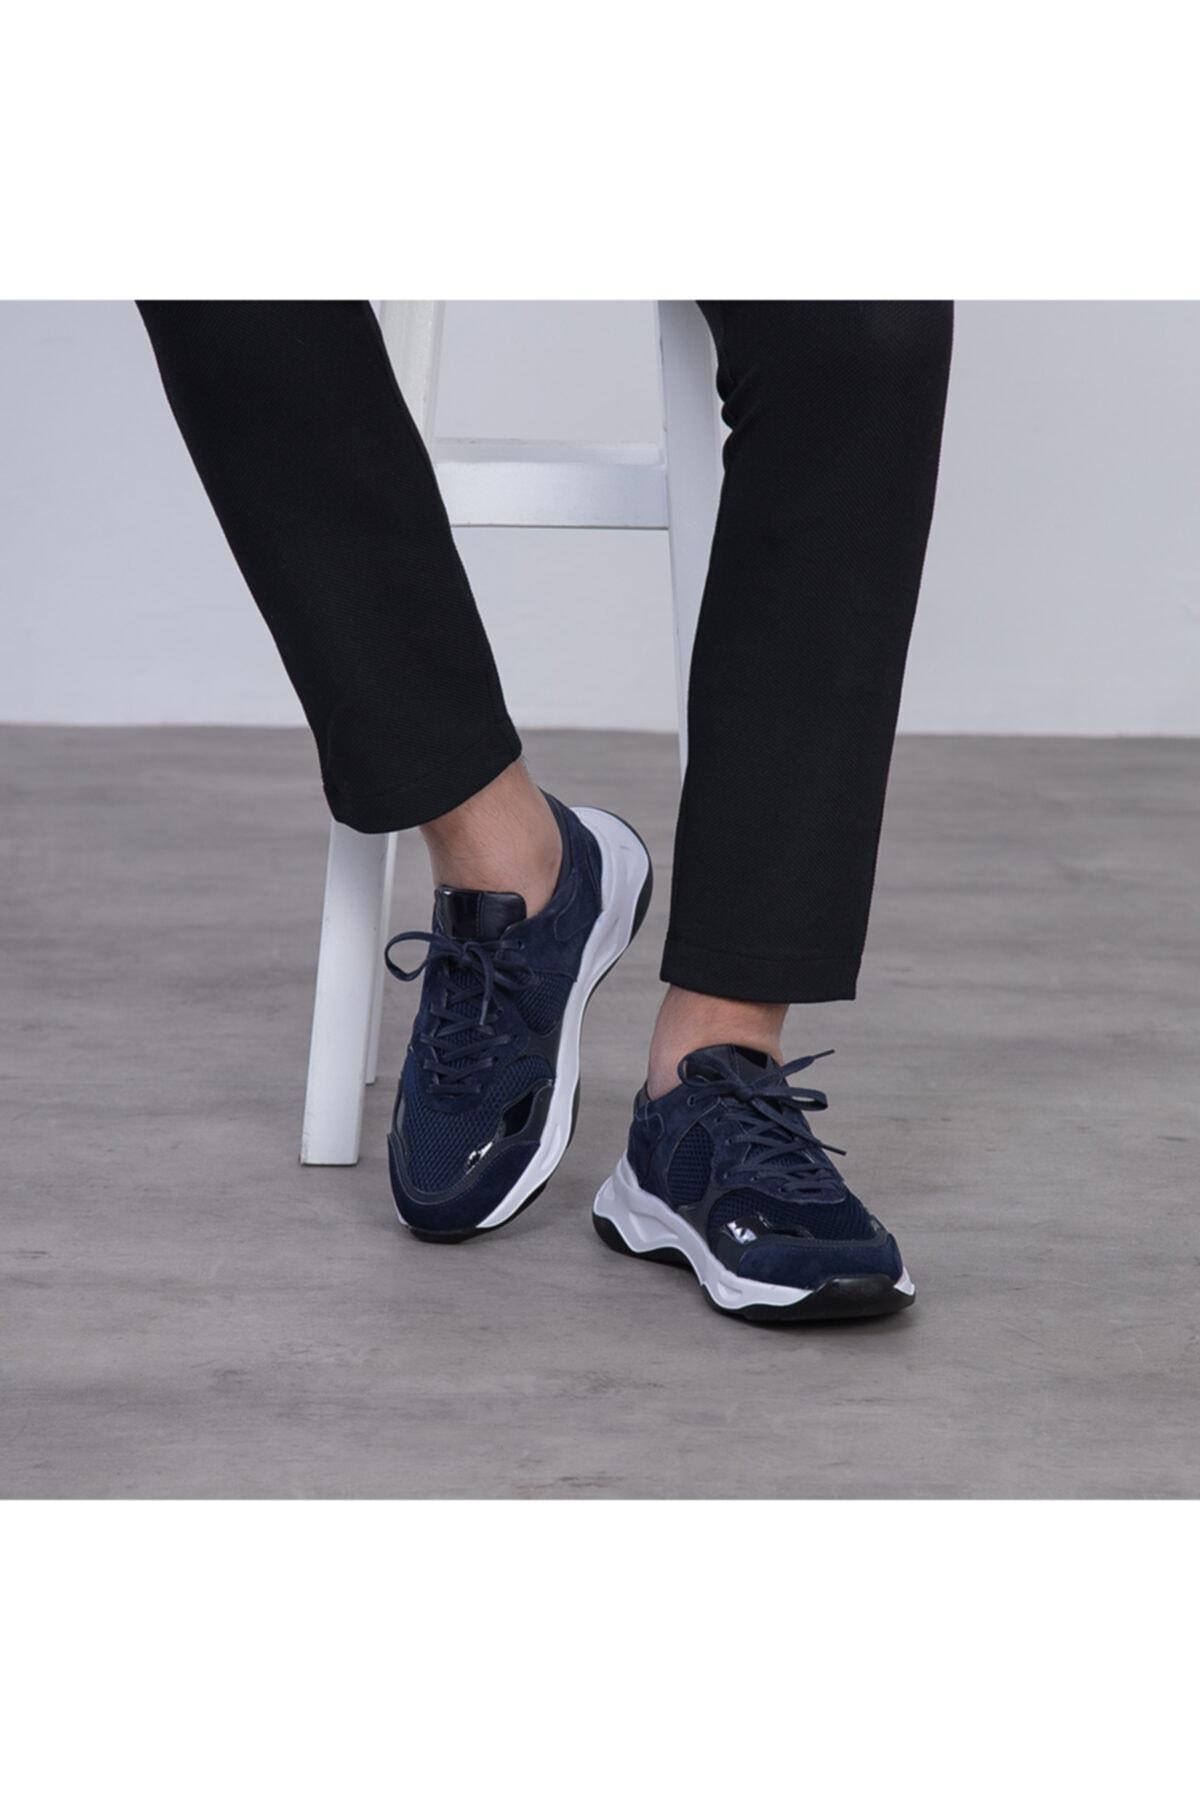 GEGARO G055 Lacivert File Detaylı Siyah Beyaz Eva Taban Hakiki Süet Deri Erkek Sneakers 1